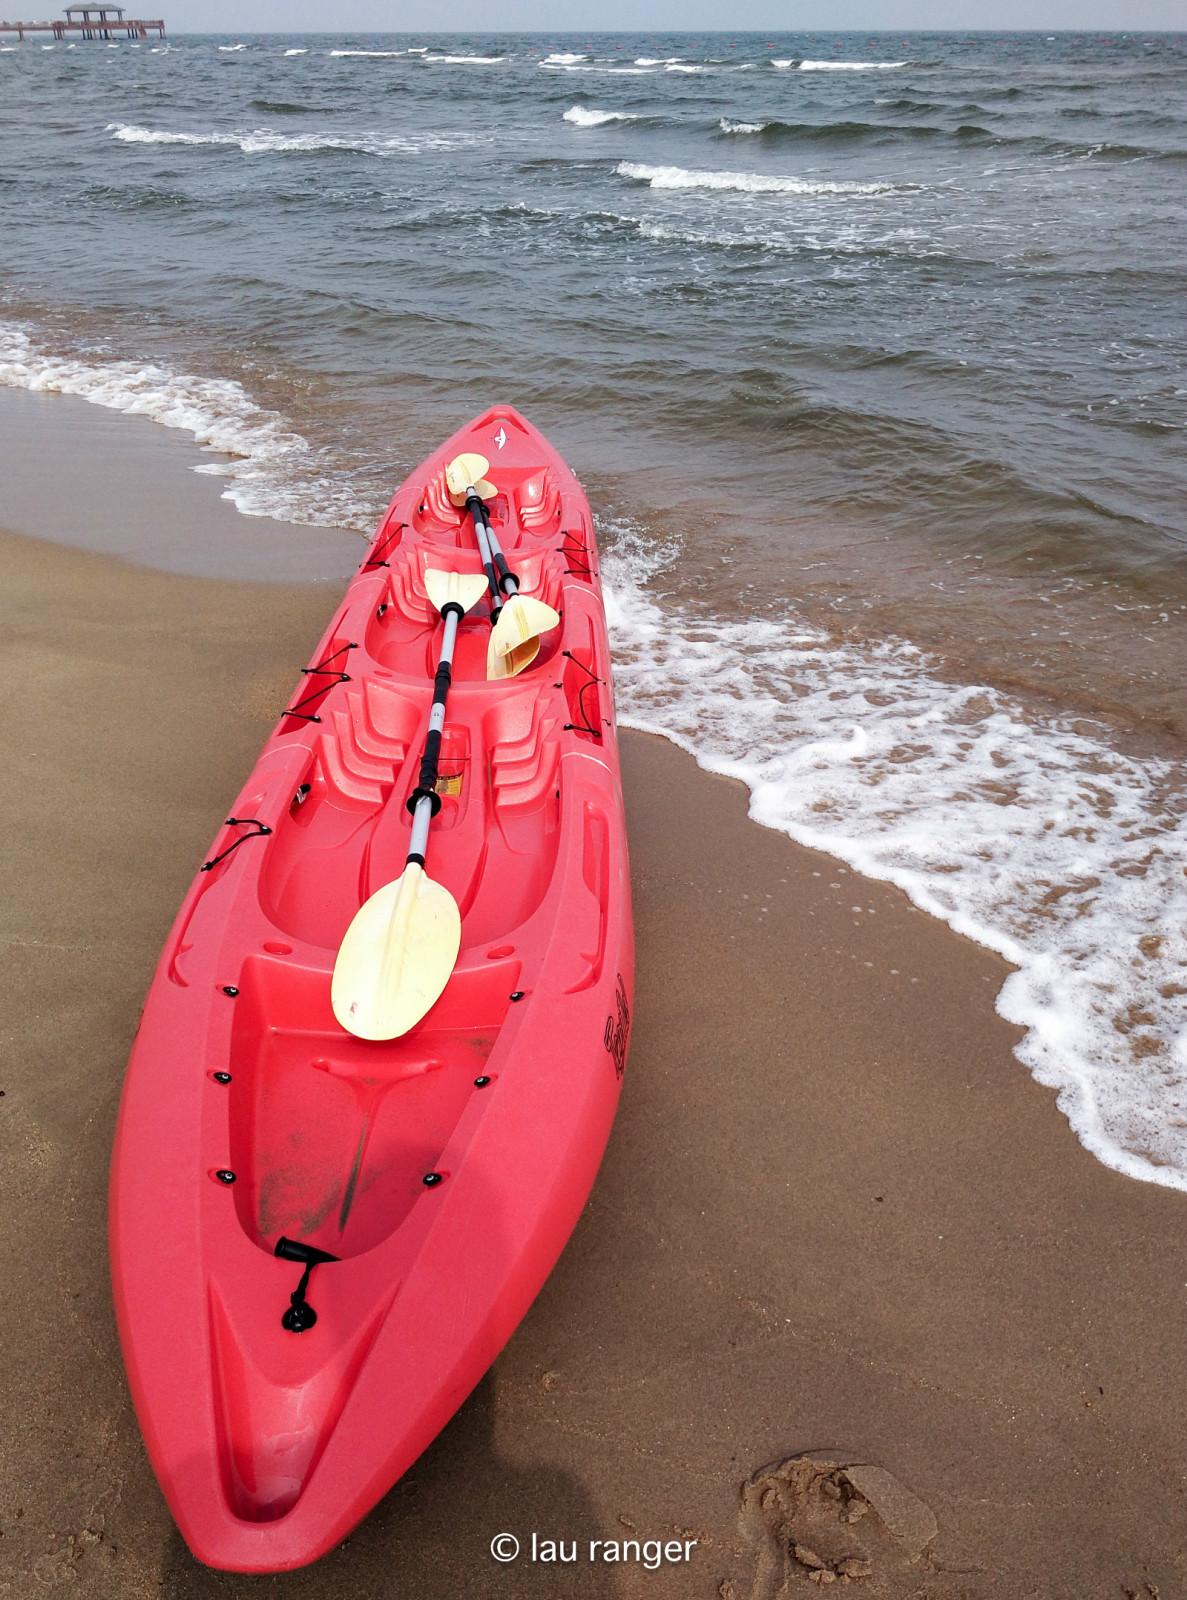 除了快艇,这里还有台球,皮划艇,水上帆船等v快艇项目.乔凤伟乔氏摩托图片